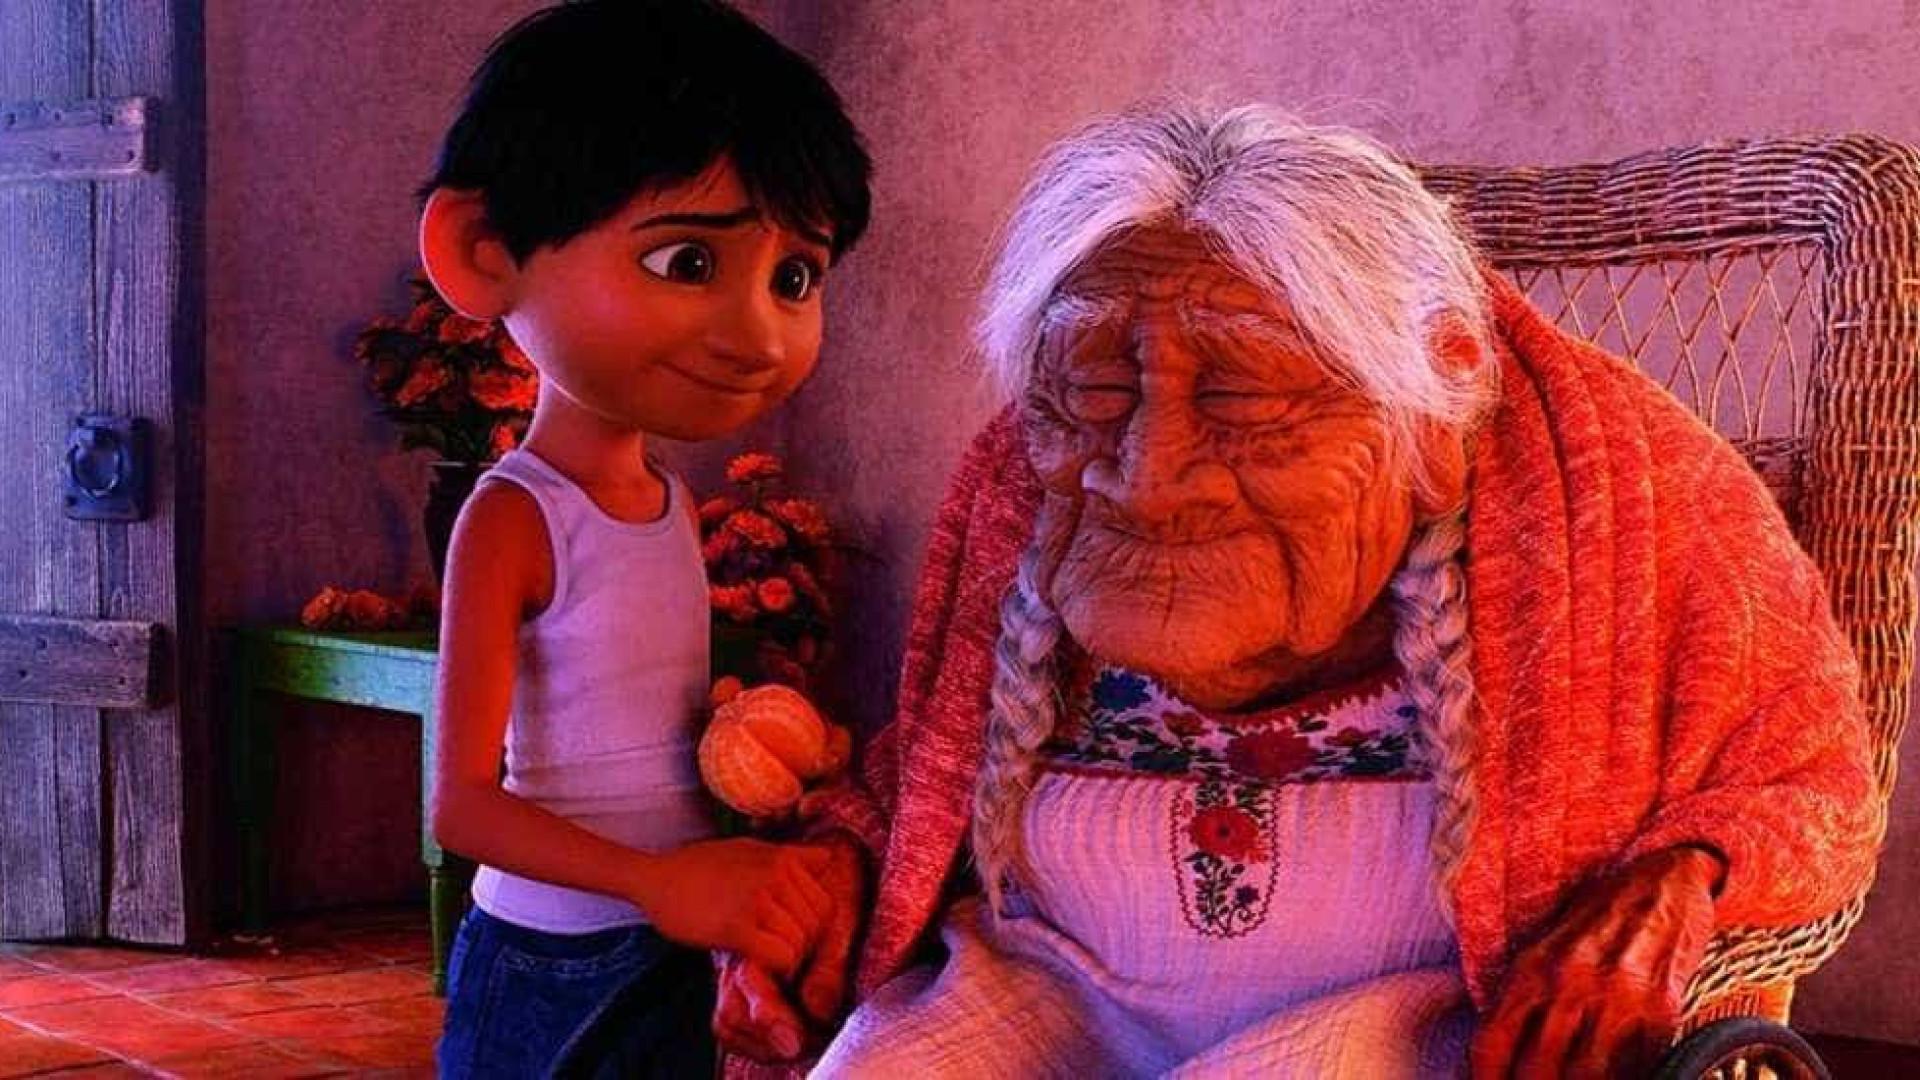 Nova animação da Pixar, 'Coco', terá nome diferente no Brasil